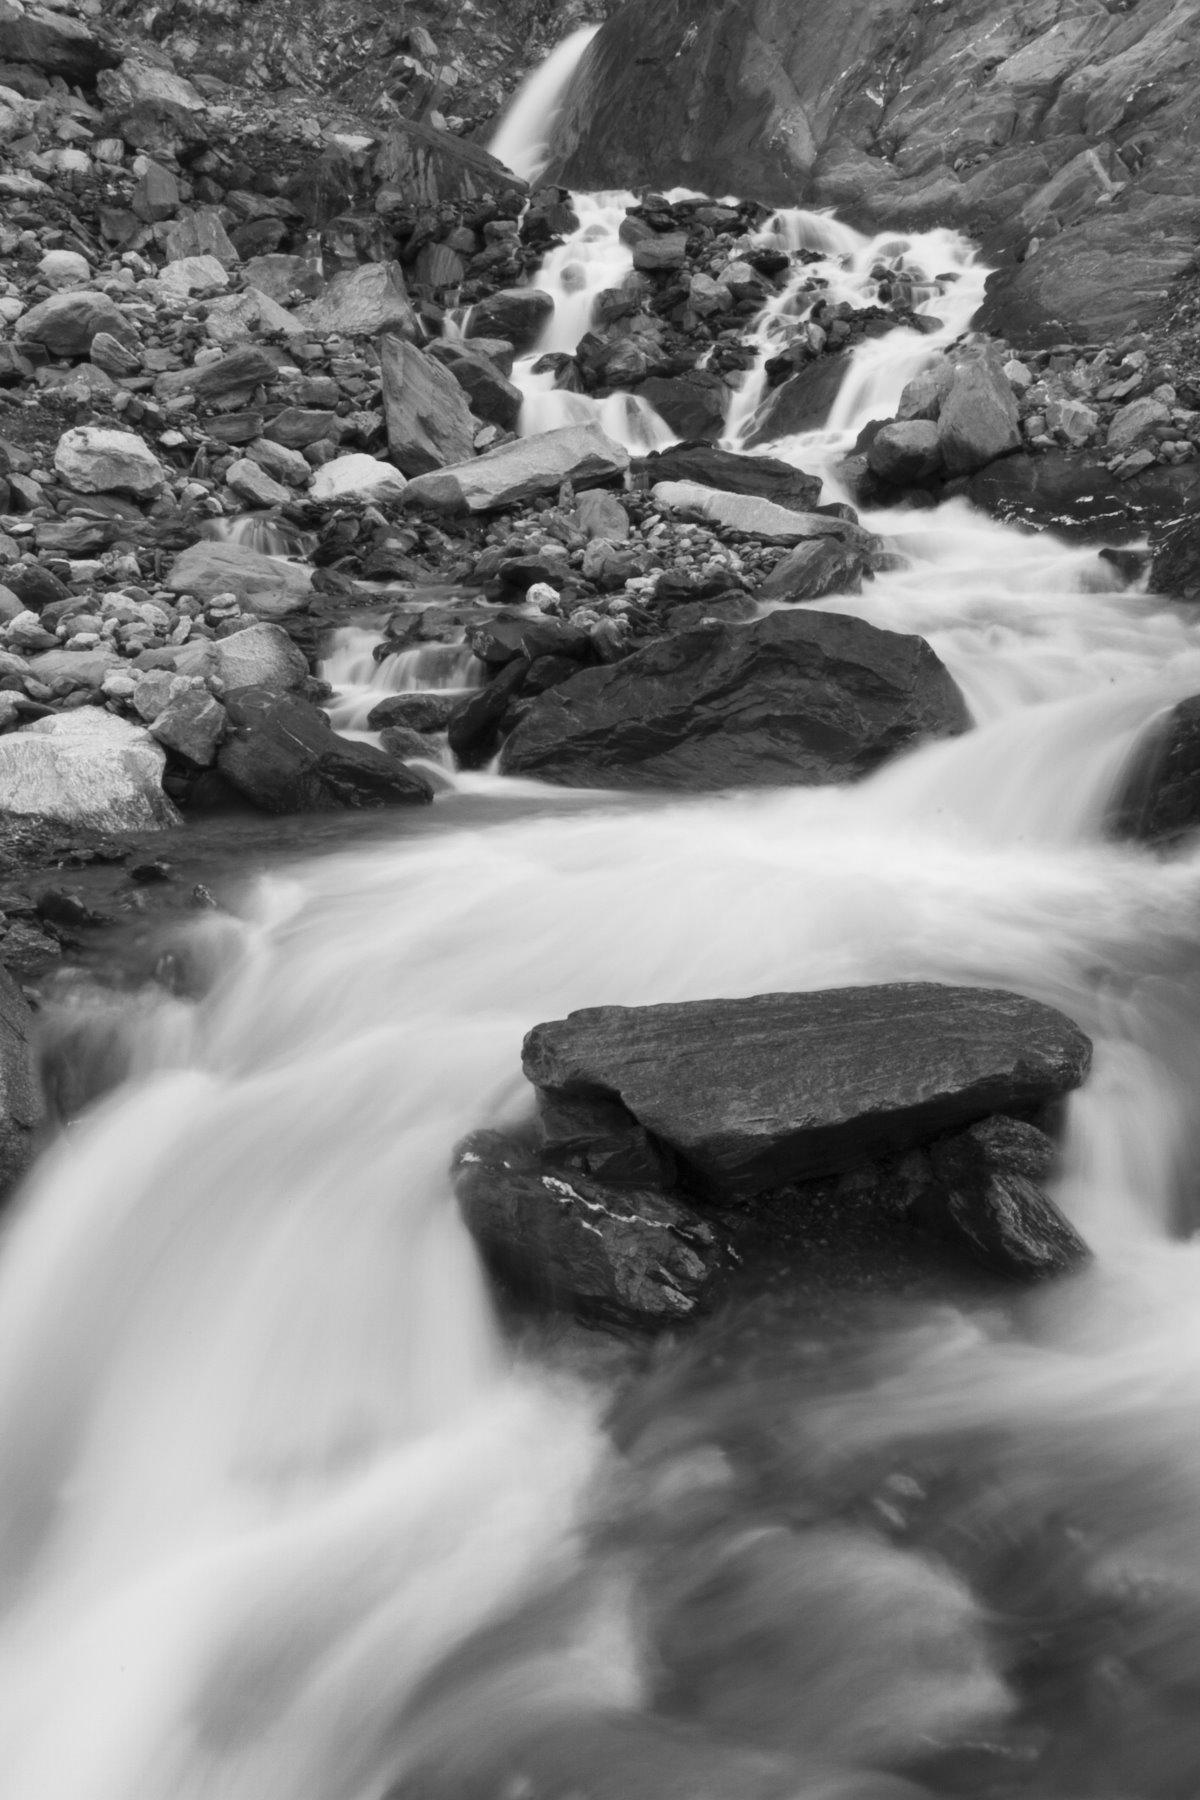 Glacial melt flowing over rocks.